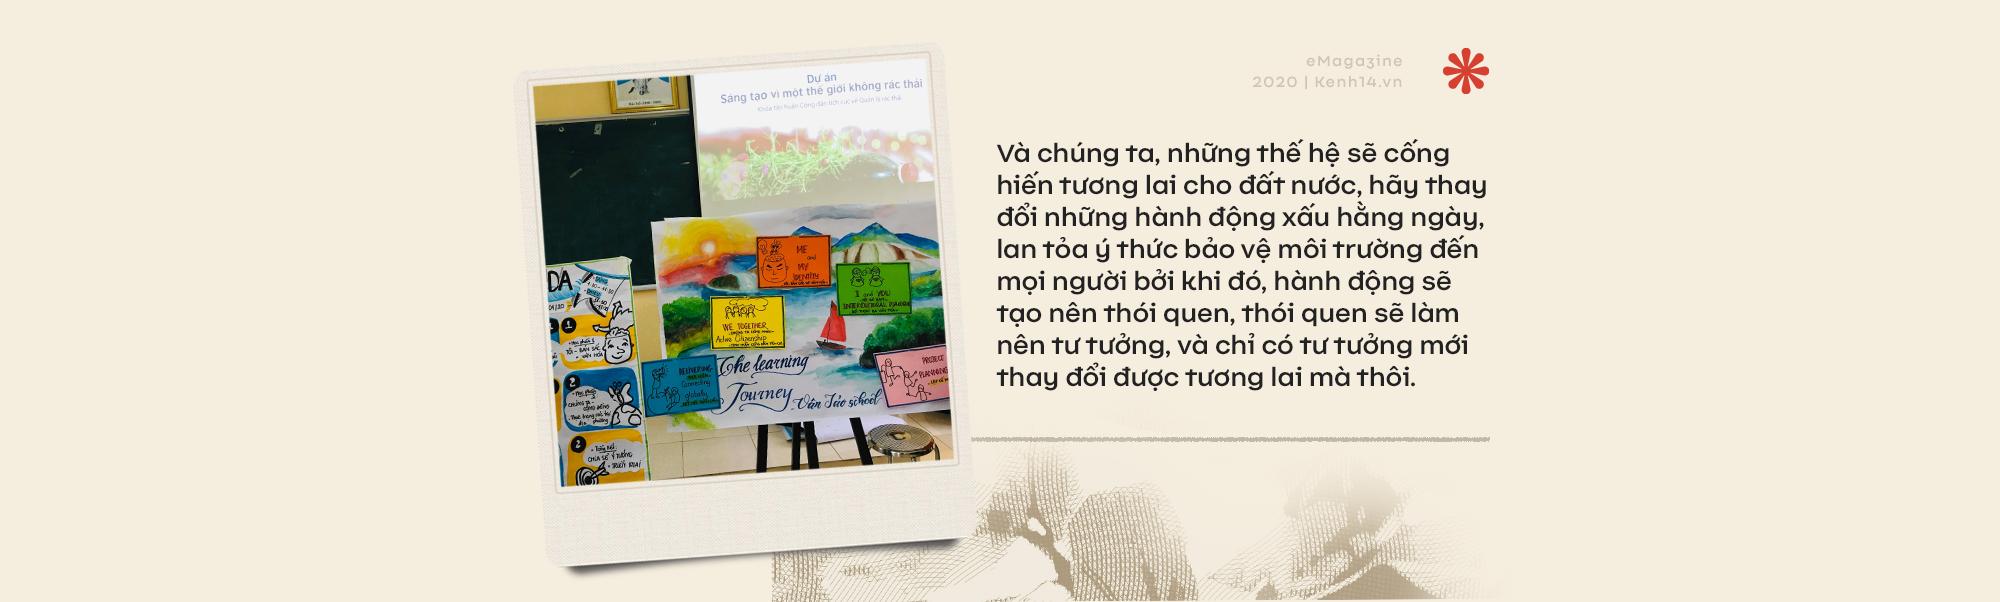 """Người Việt trẻ đang nỗ lực giải cứu môi trường thời """"hậu dịch"""" - Ảnh 7."""